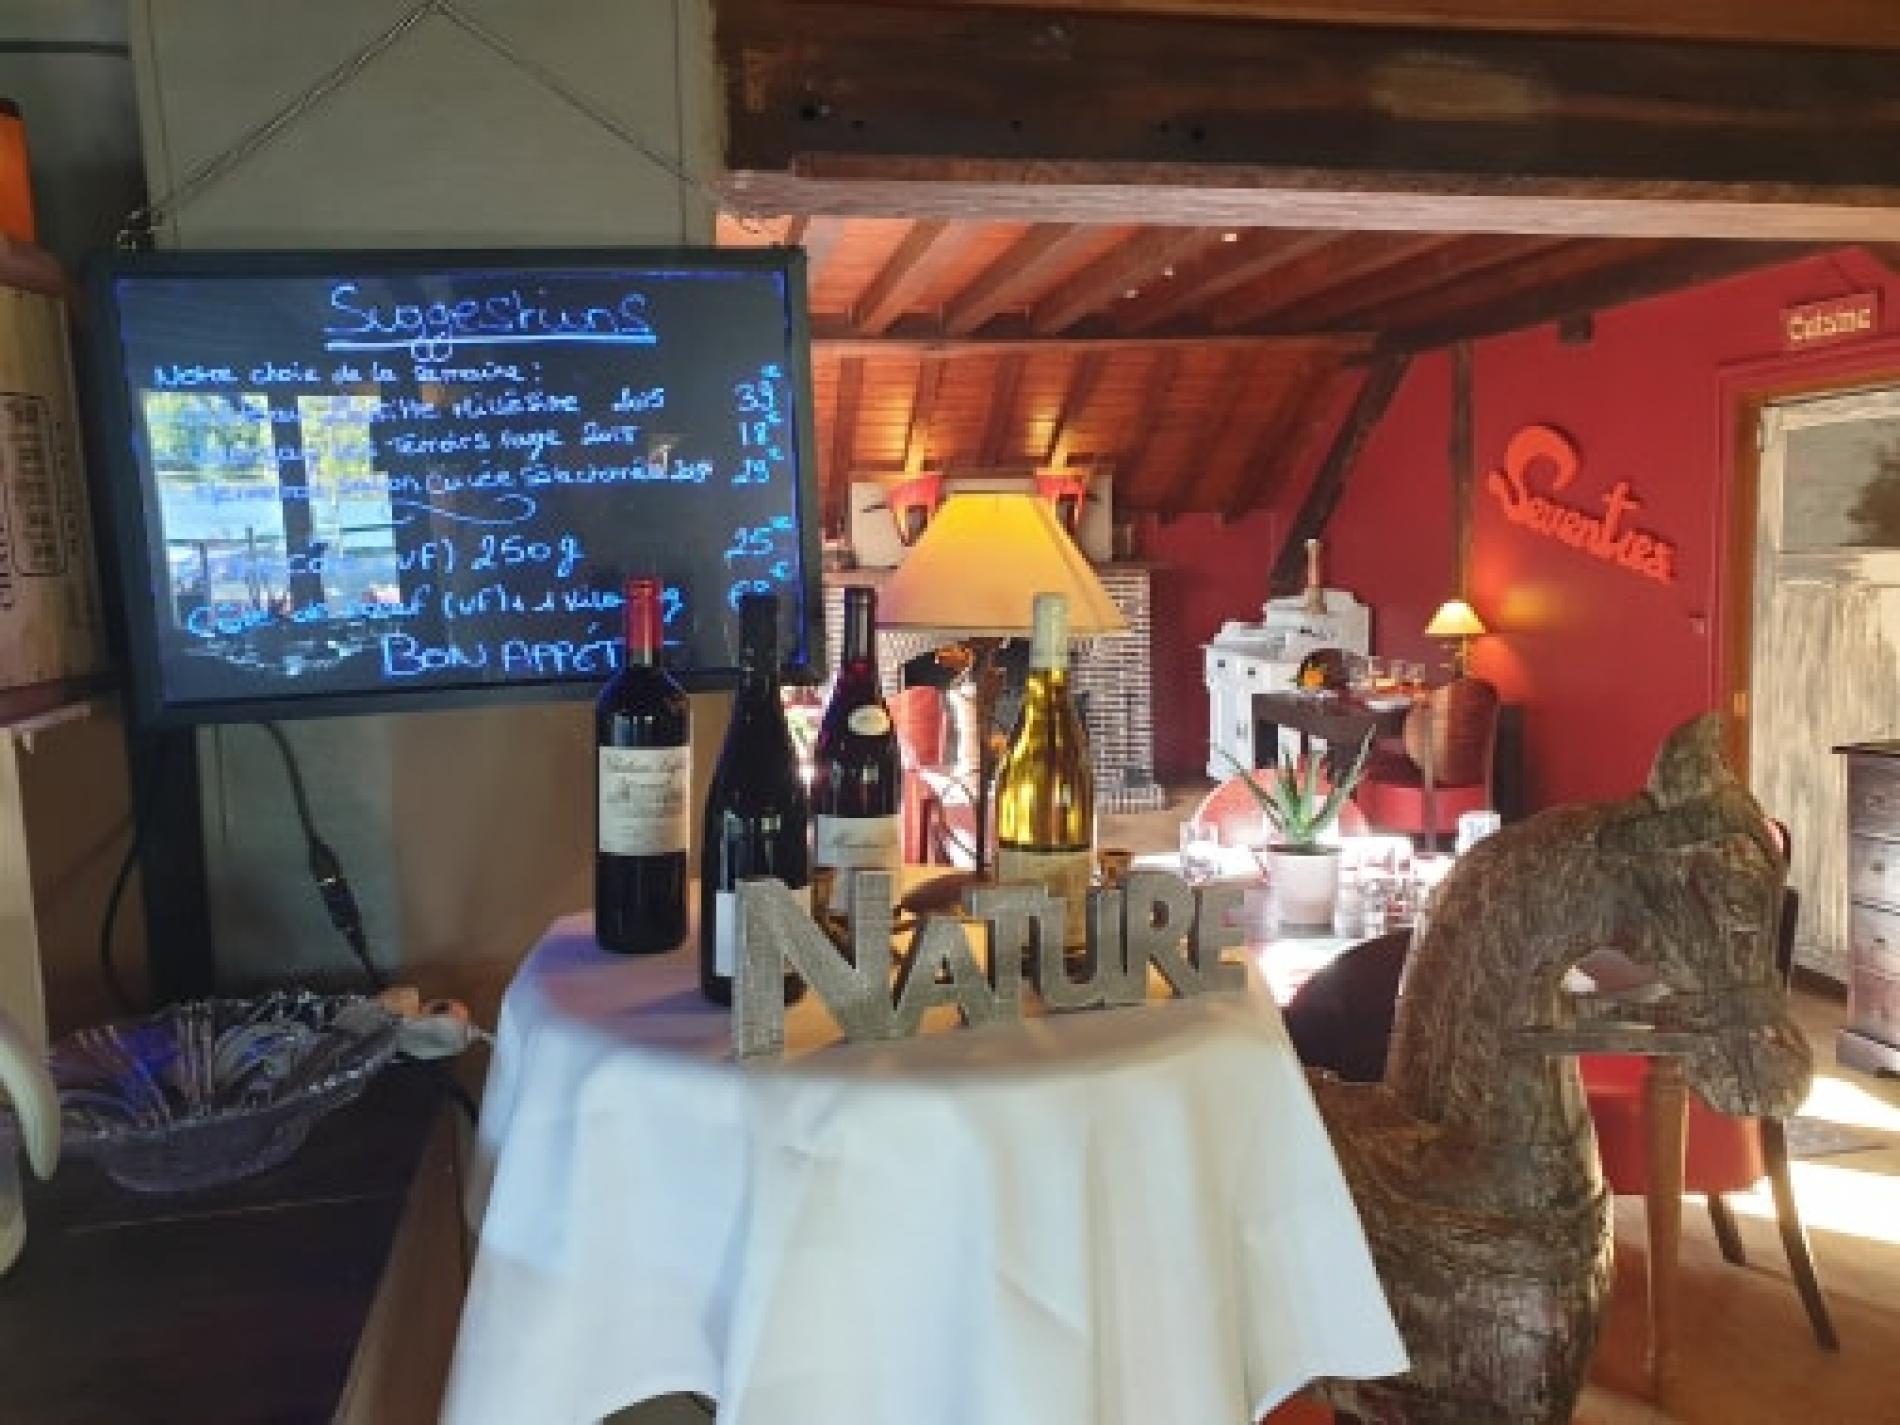 Tableau des suggestions et presentations des vins